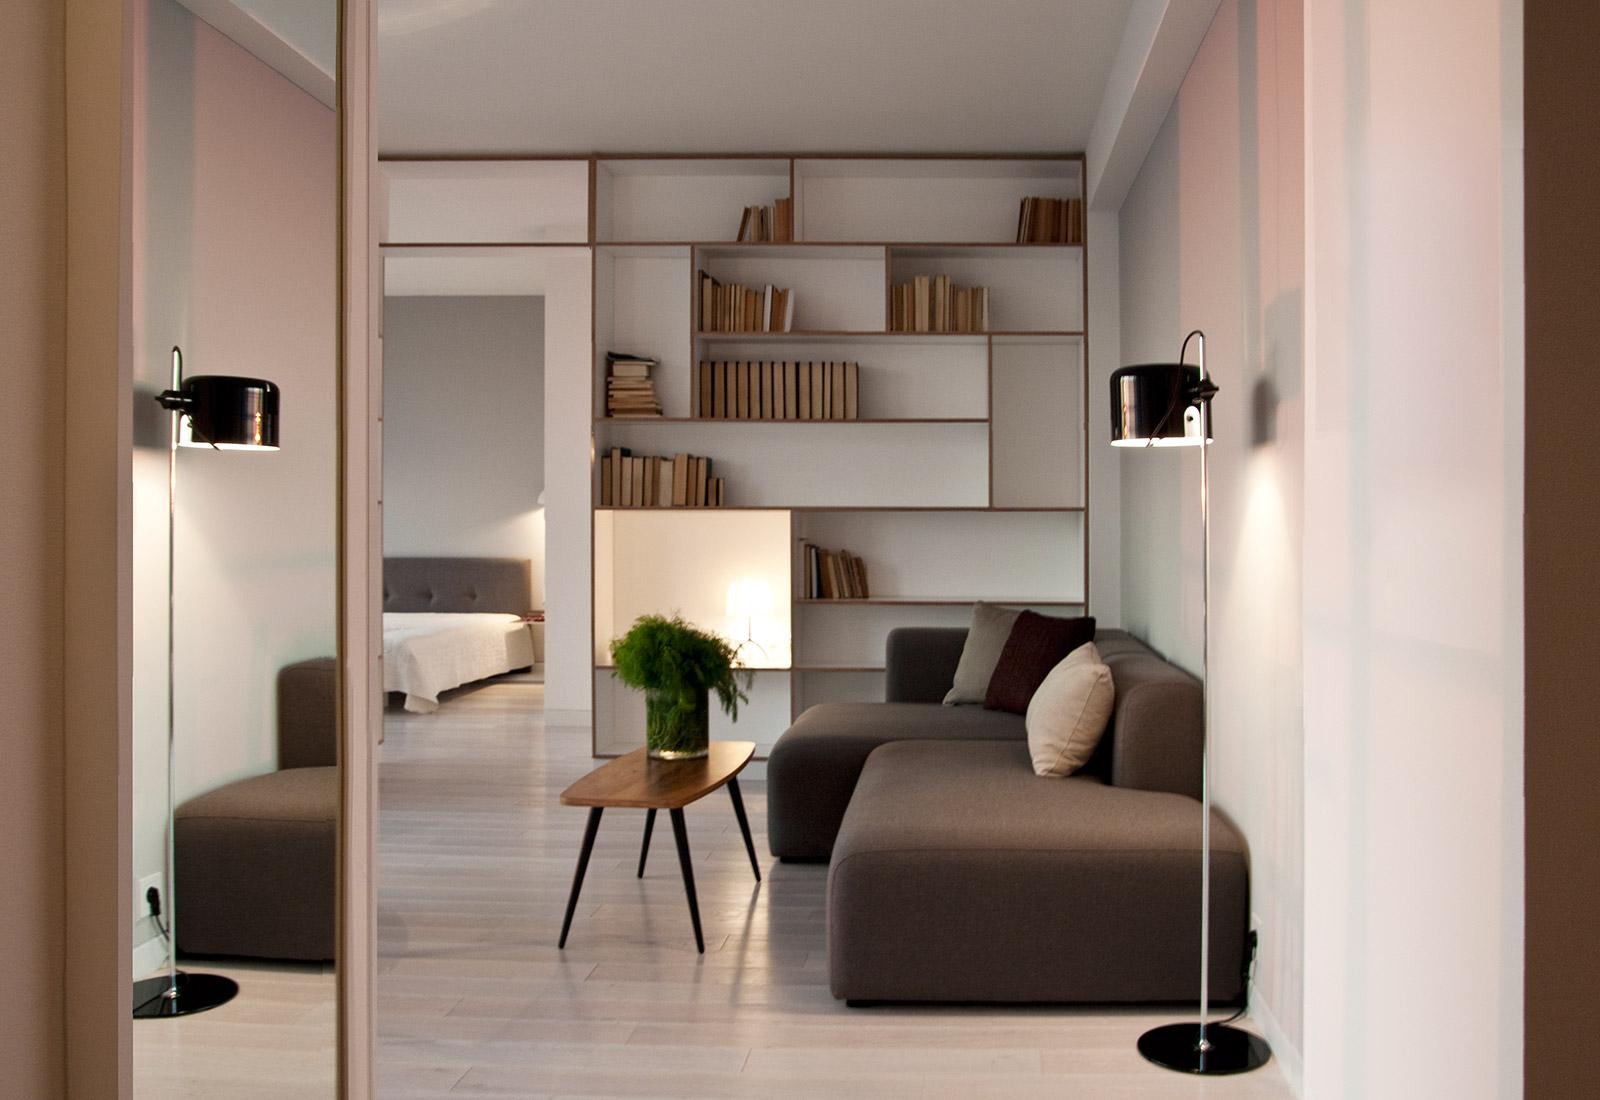 wiktorowe-mieszkanie-096